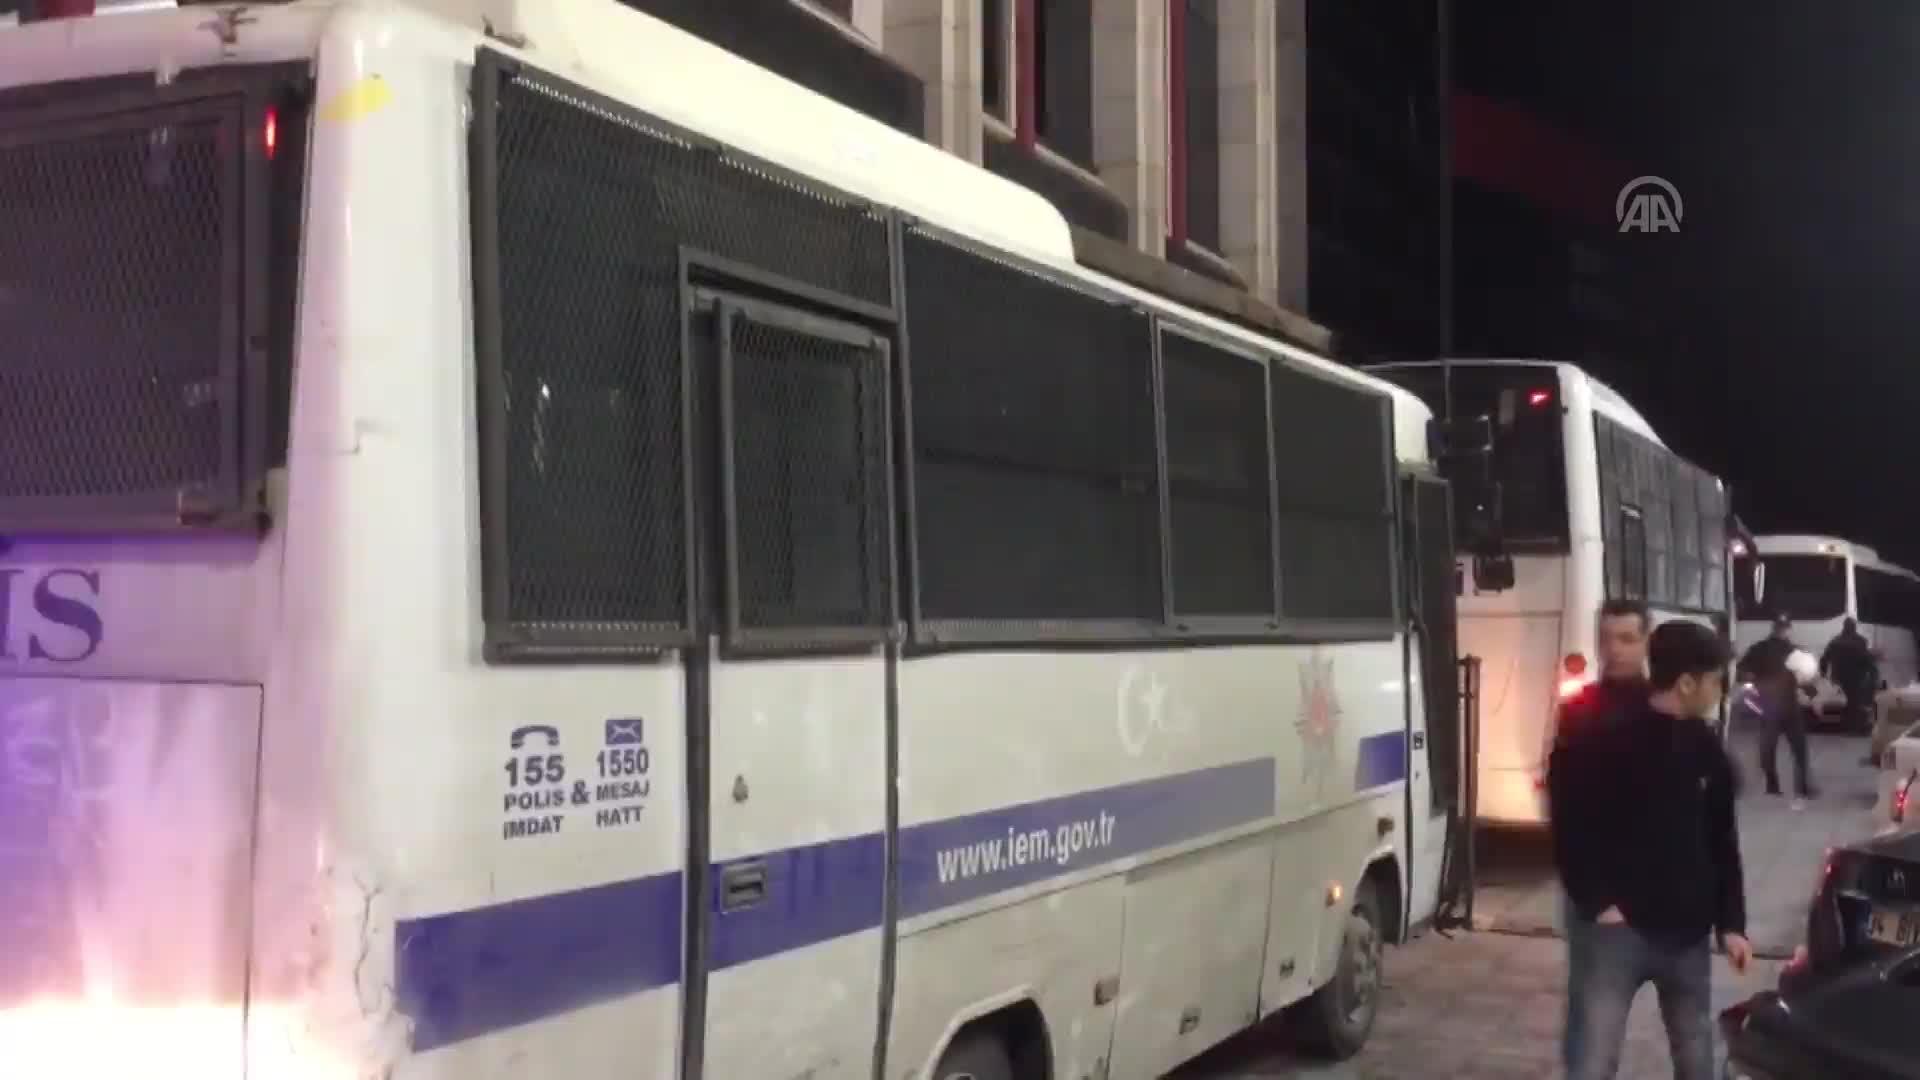 Polis Dur Ihtarına Uymayan şüphelilere Ateş Açtı Haber Takvim